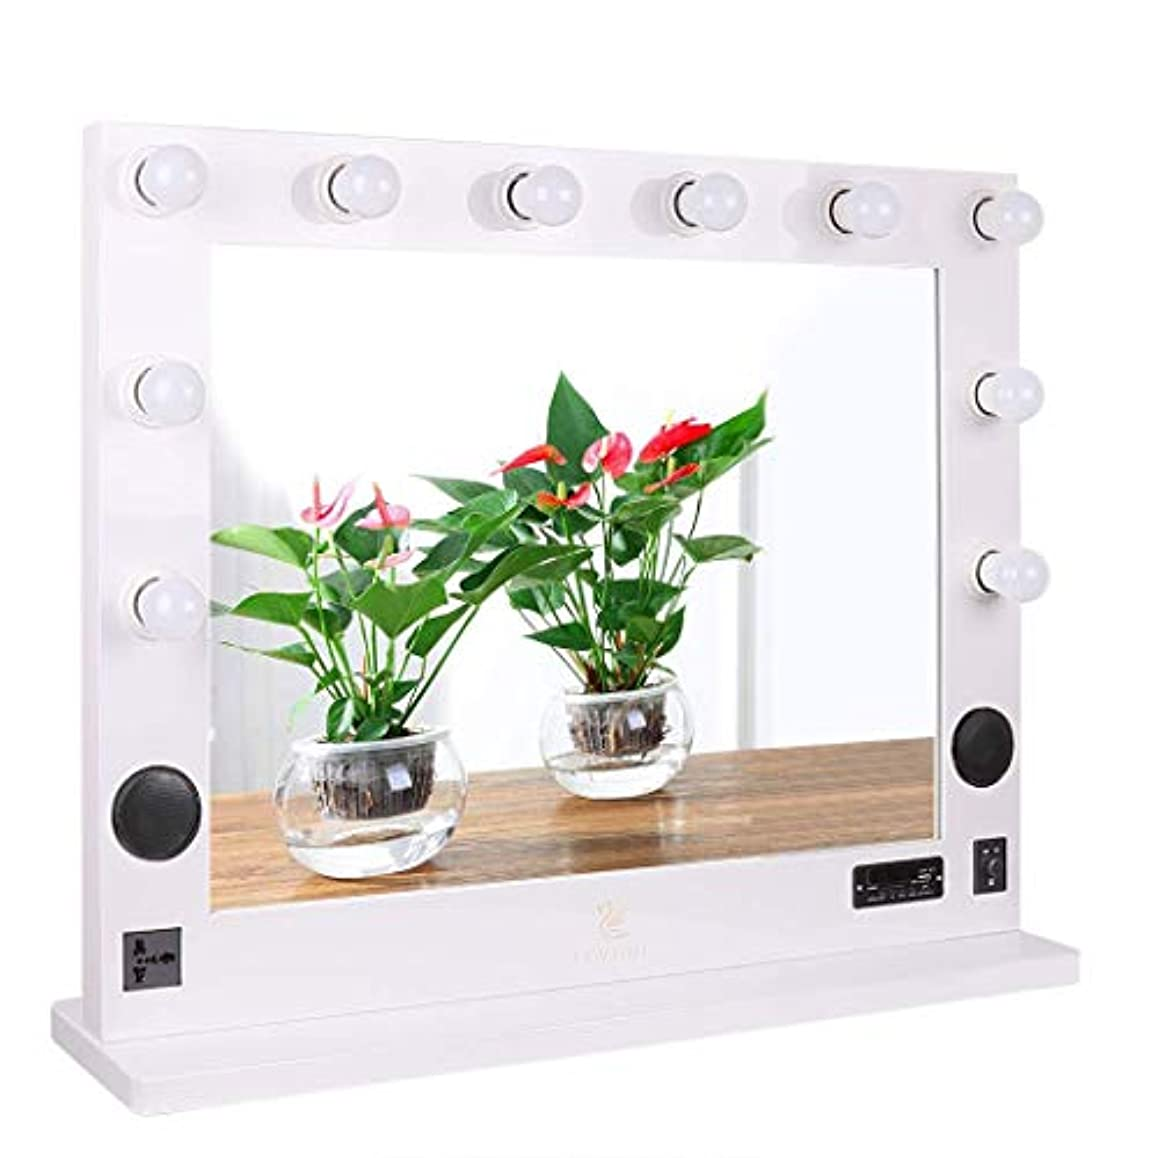 本質的ではない法王花瓶LUVODI 10と調光器36  とハリウッド点灯化粧バニティミラー光メイクアップ化粧台 洗面化粧台セットミラー×30  大化粧鏡 ライト ミラーバックみ